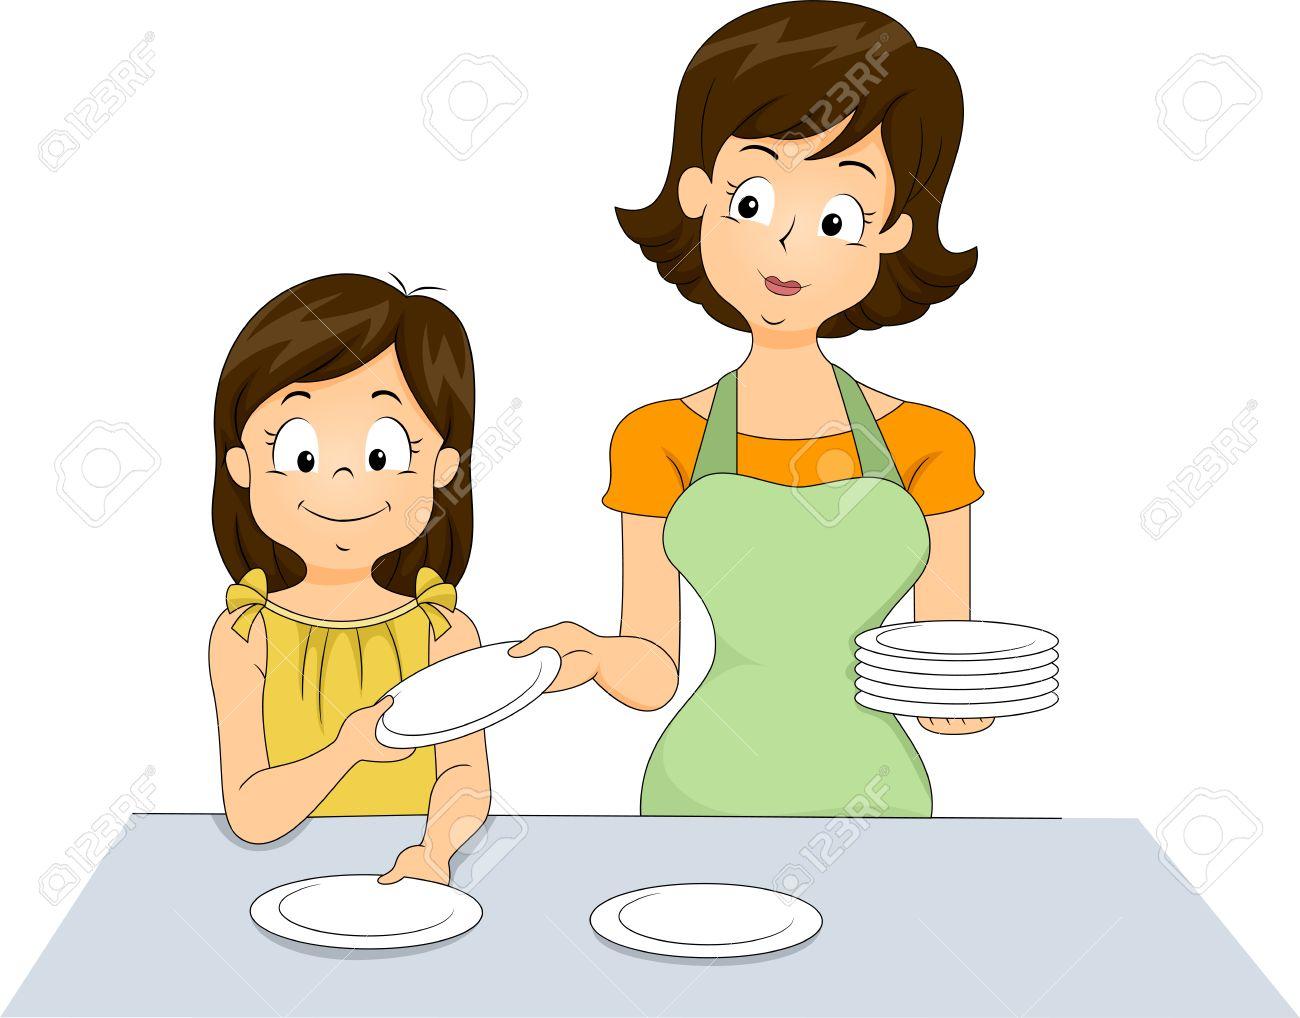 Resultado de imagen para set the table  animado